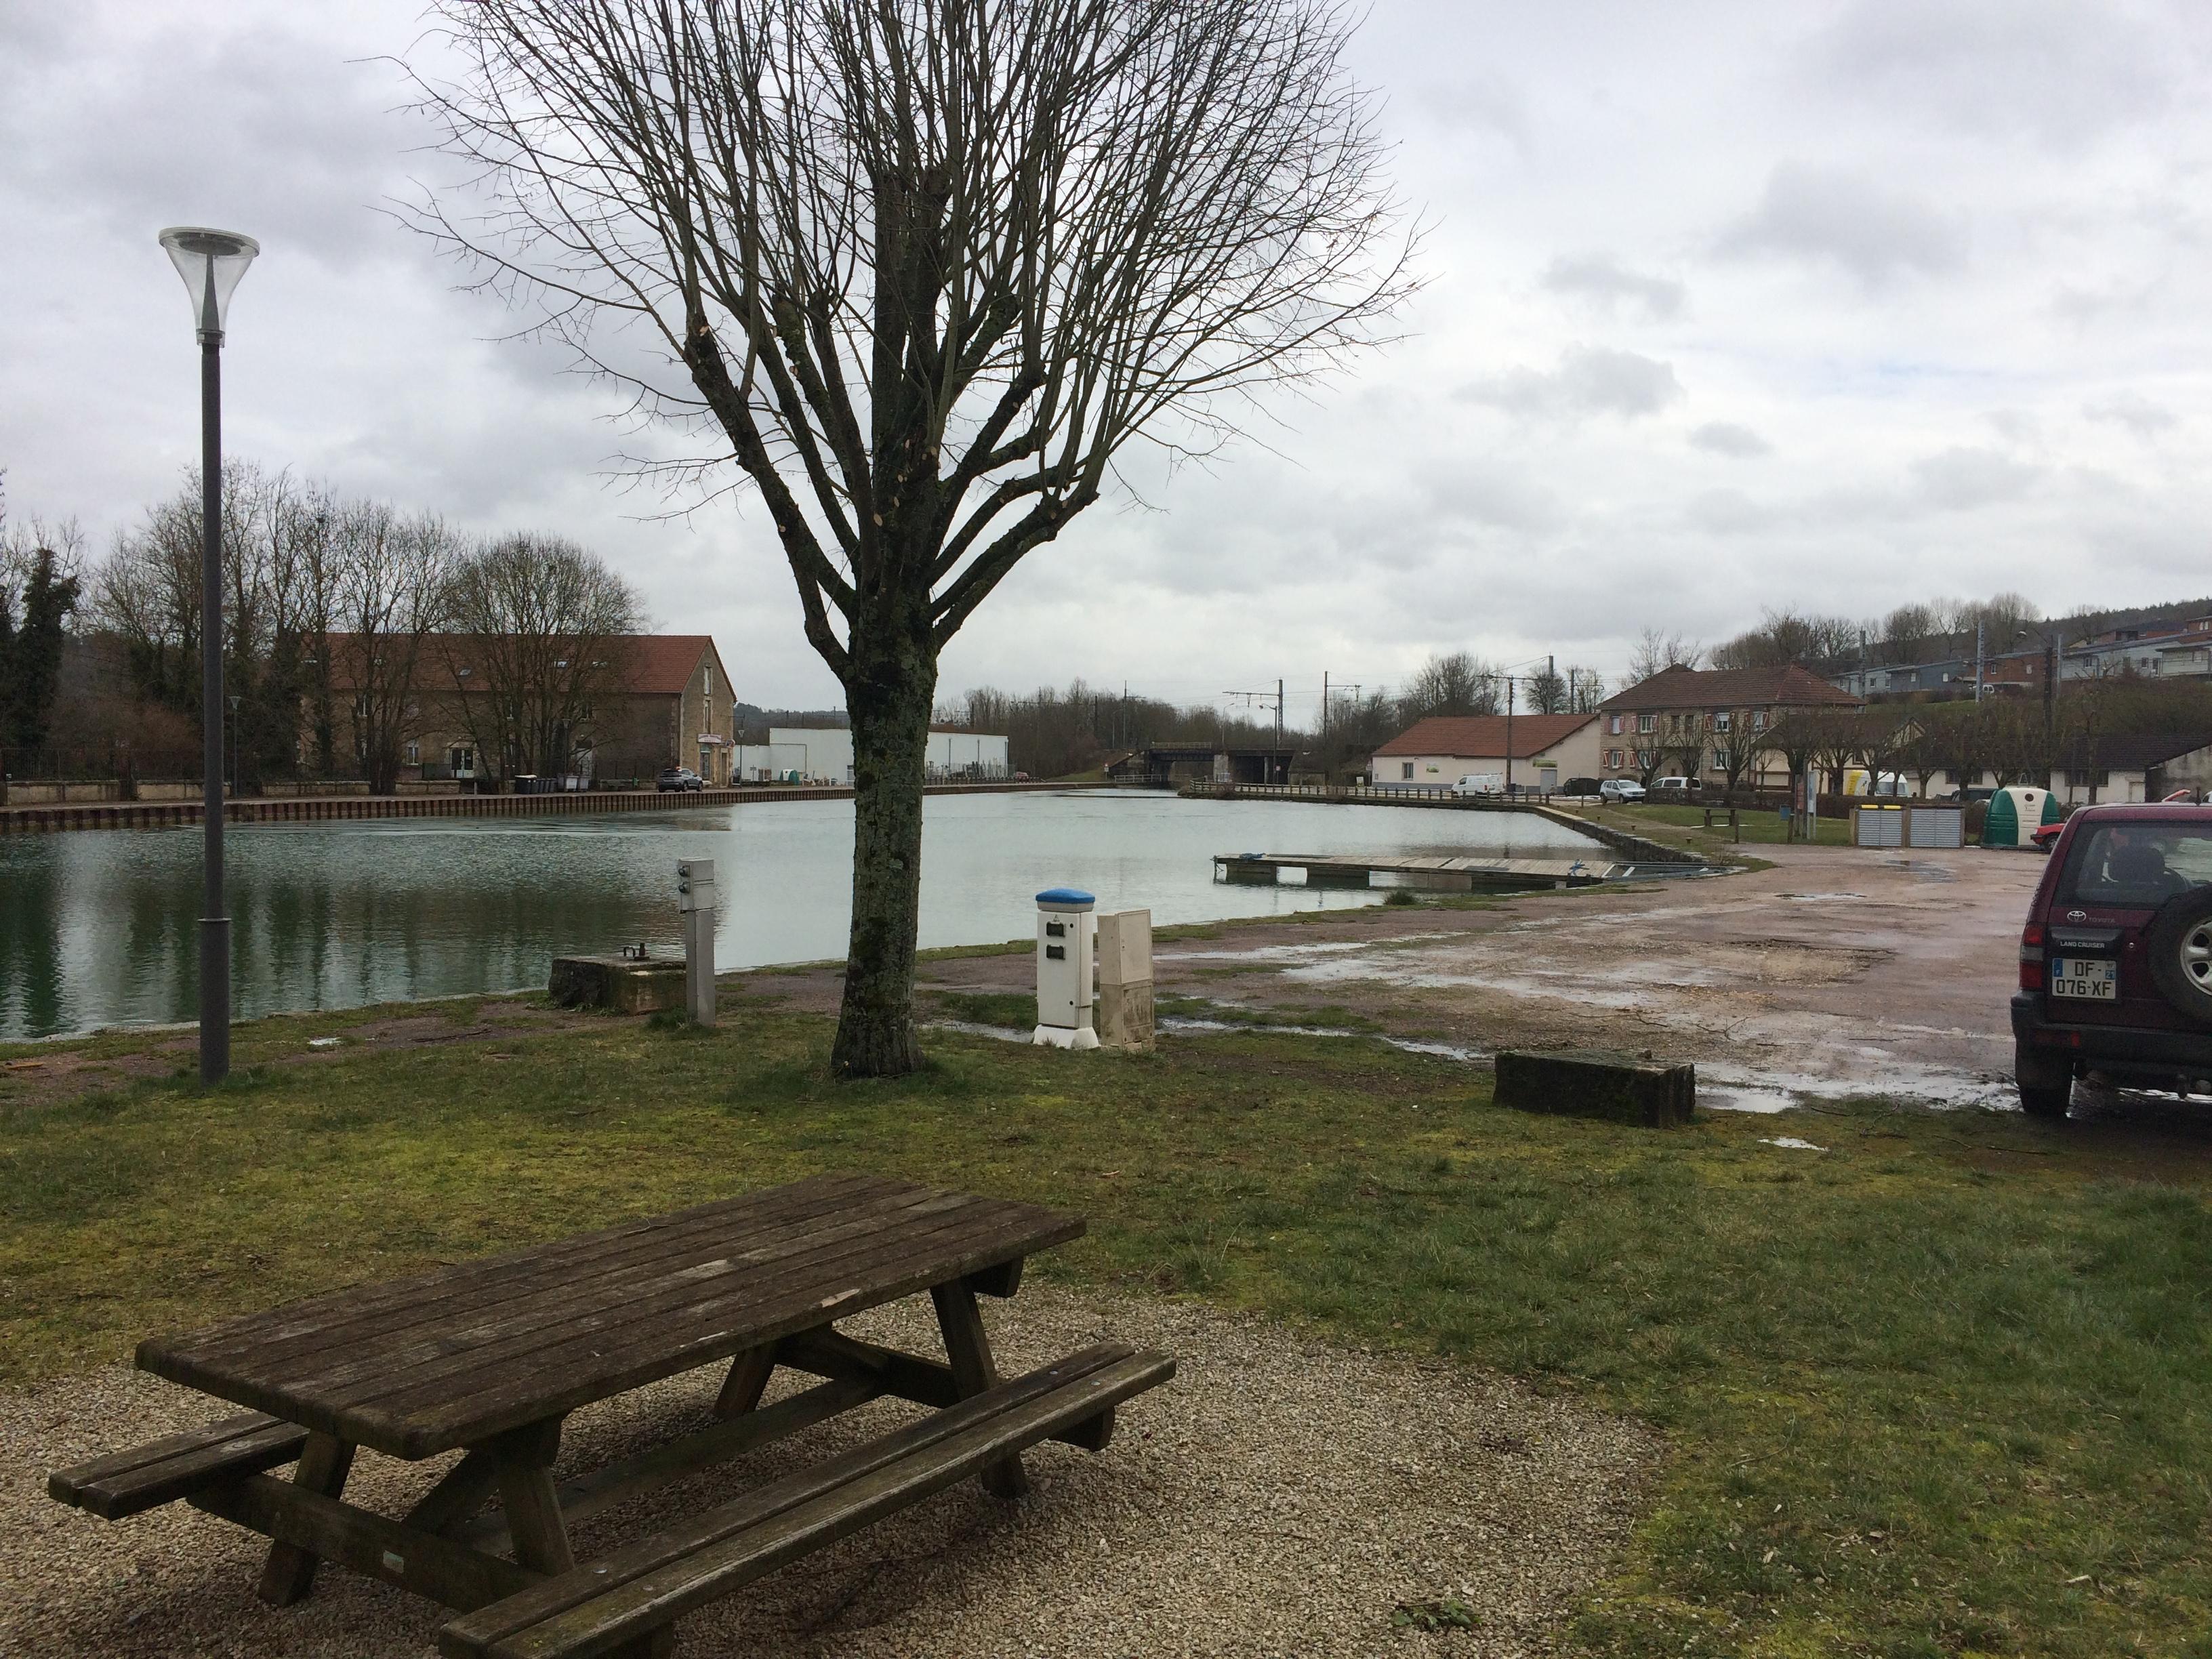 Ville de Montbard: Etude pour la création d'un tiers-lieu